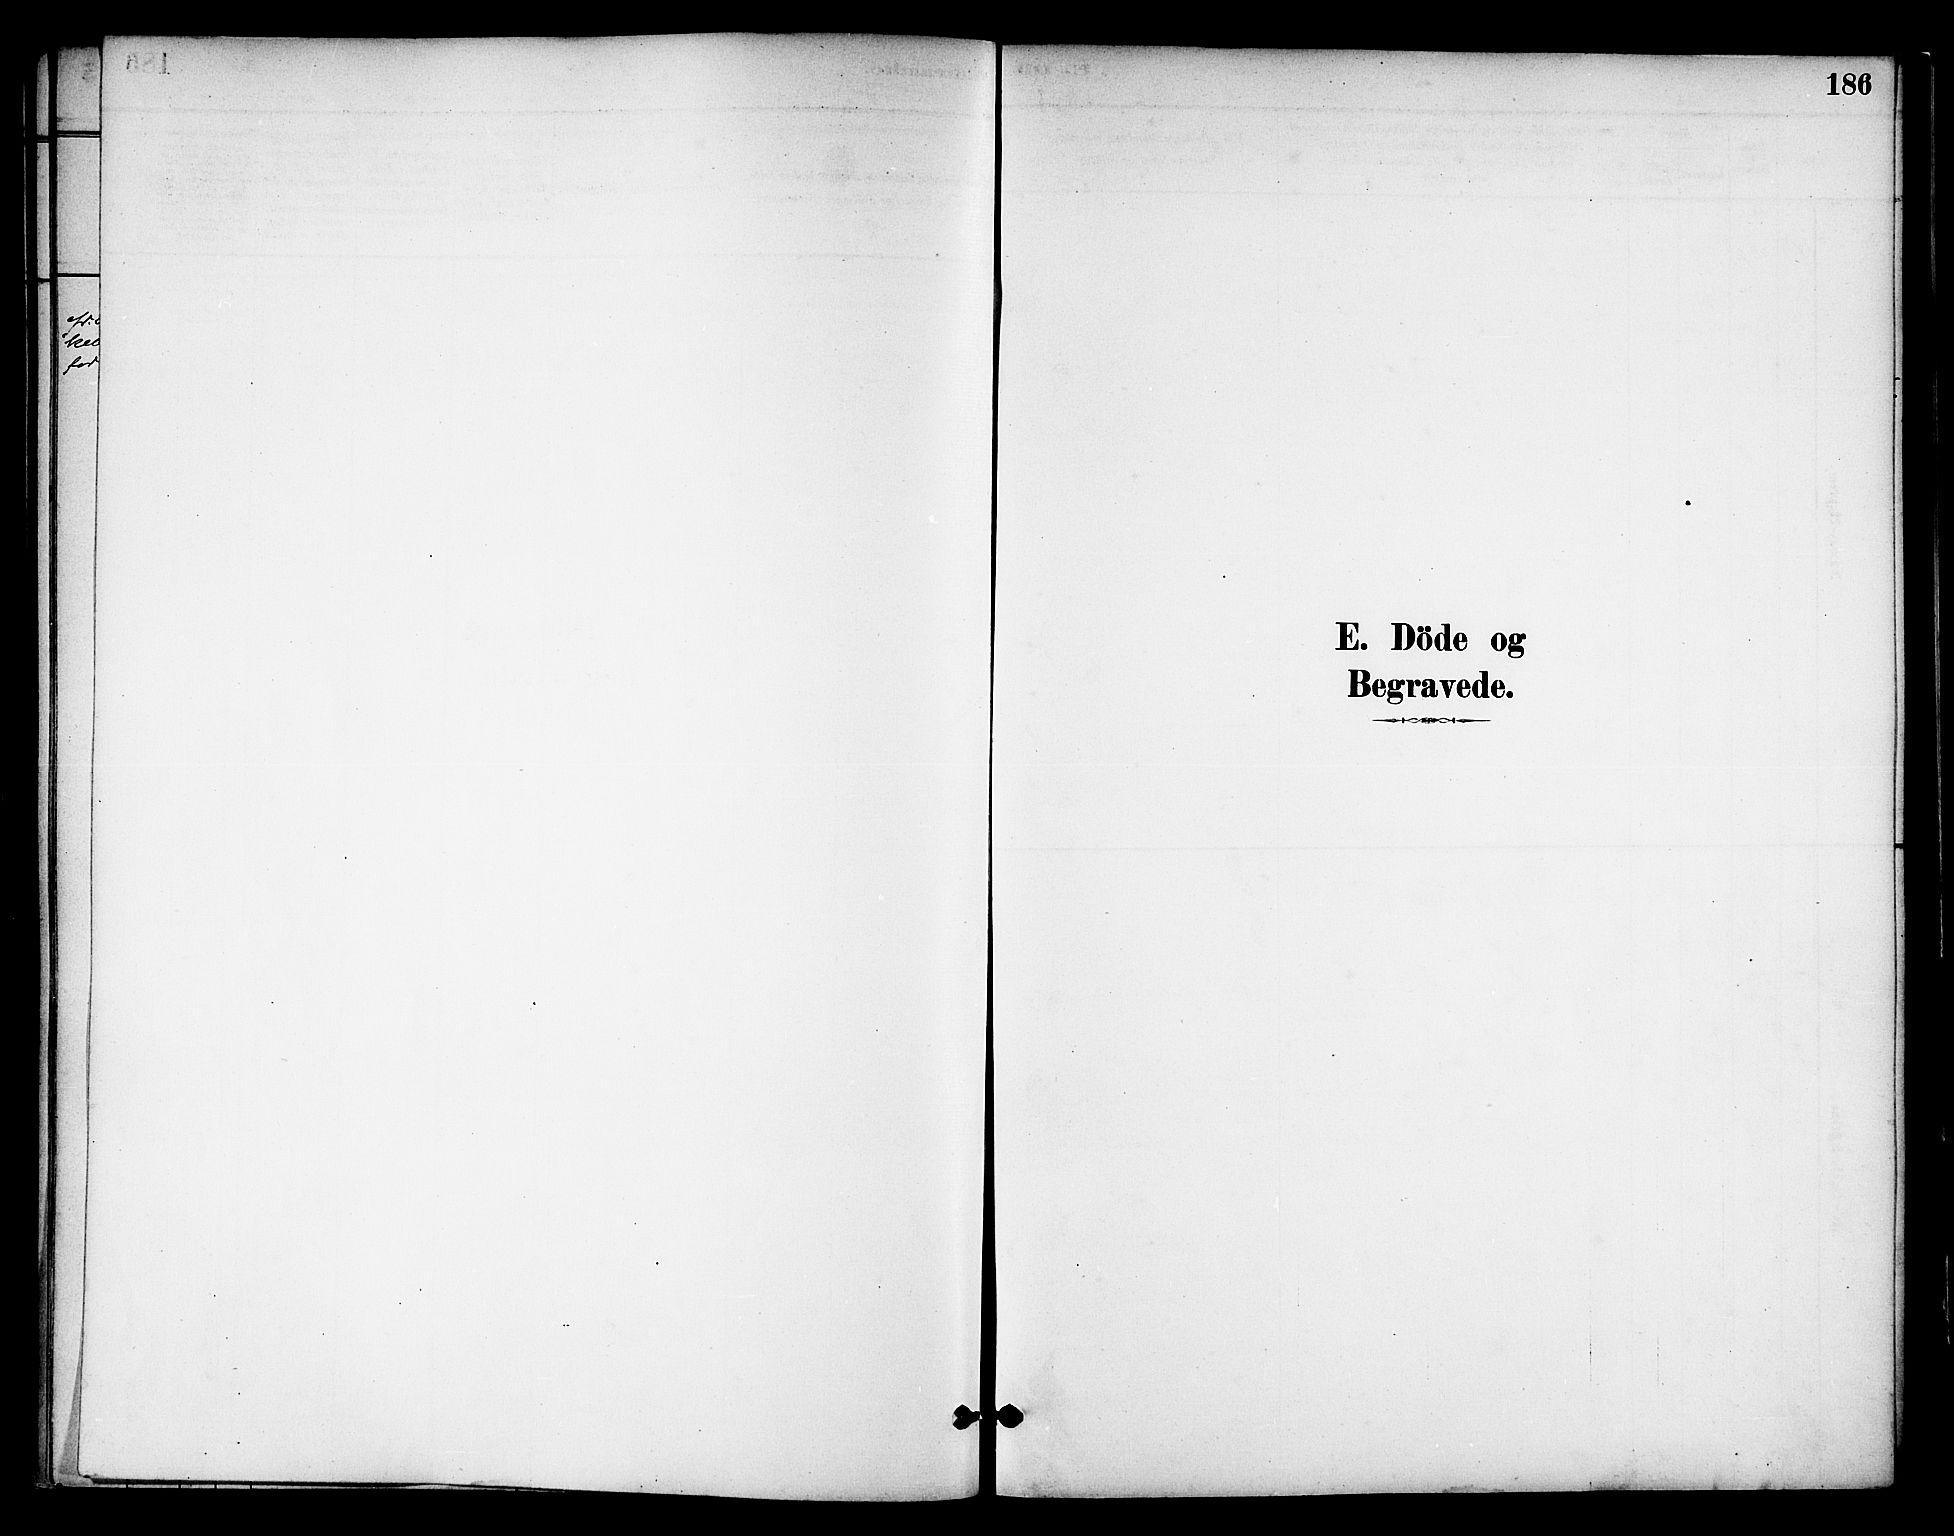 SAT, Ministerialprotokoller, klokkerbøker og fødselsregistre - Nord-Trøndelag, 739/L0371: Ministerialbok nr. 739A03, 1881-1895, s. 186